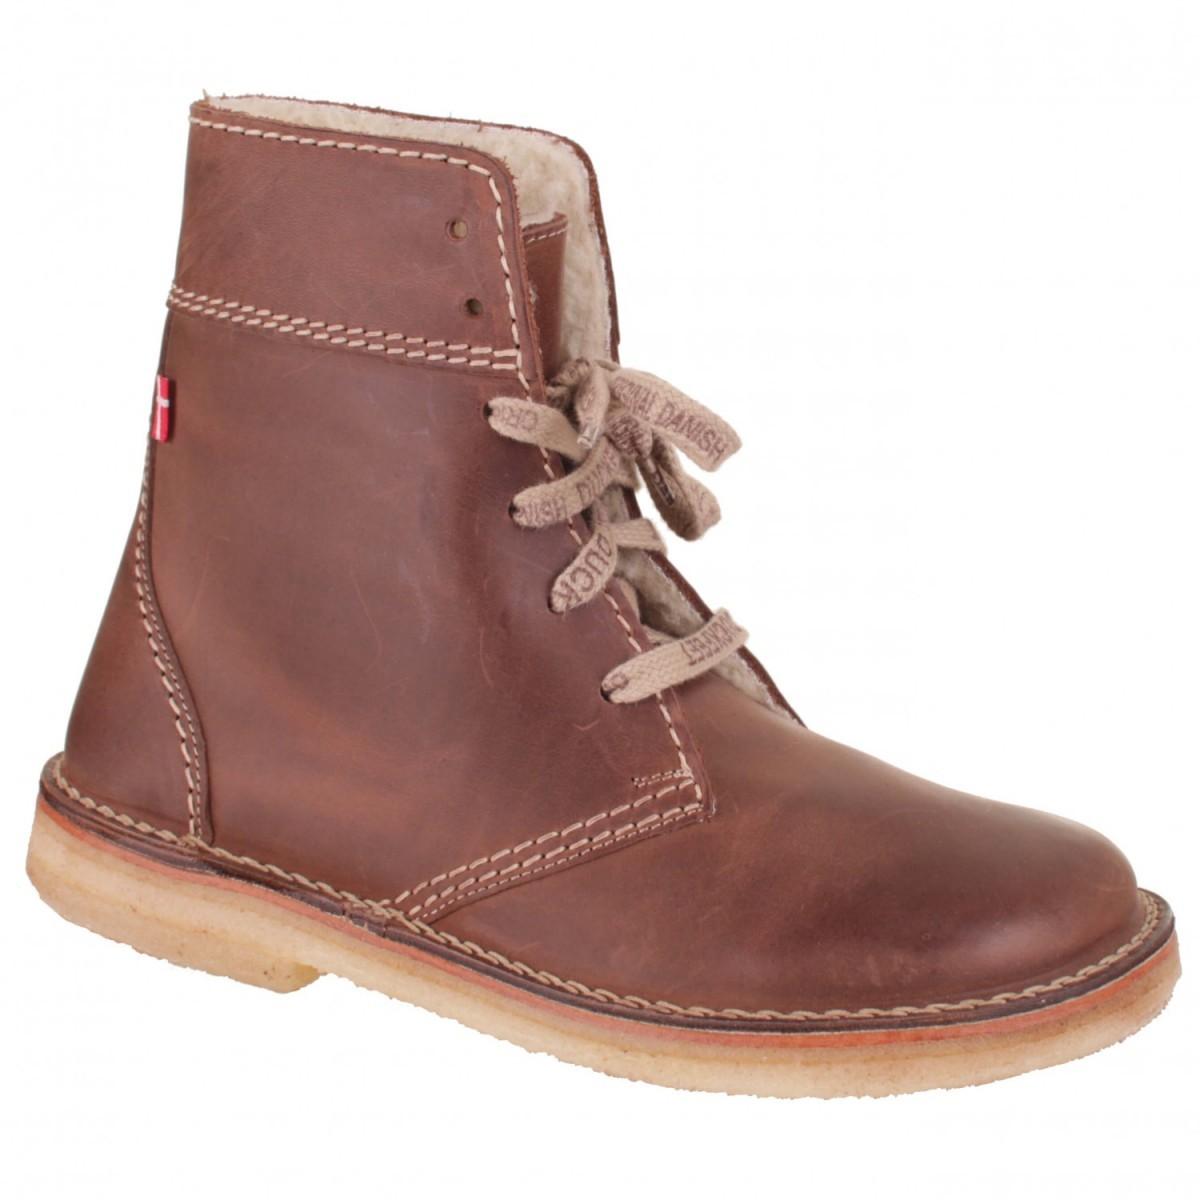 DUCKFEET ダックフィート Odense ( Cocoa ) ★ 登山靴 ・ 靴 ・ 登山 ・ アウトドアシューズ ・ 山歩き ★